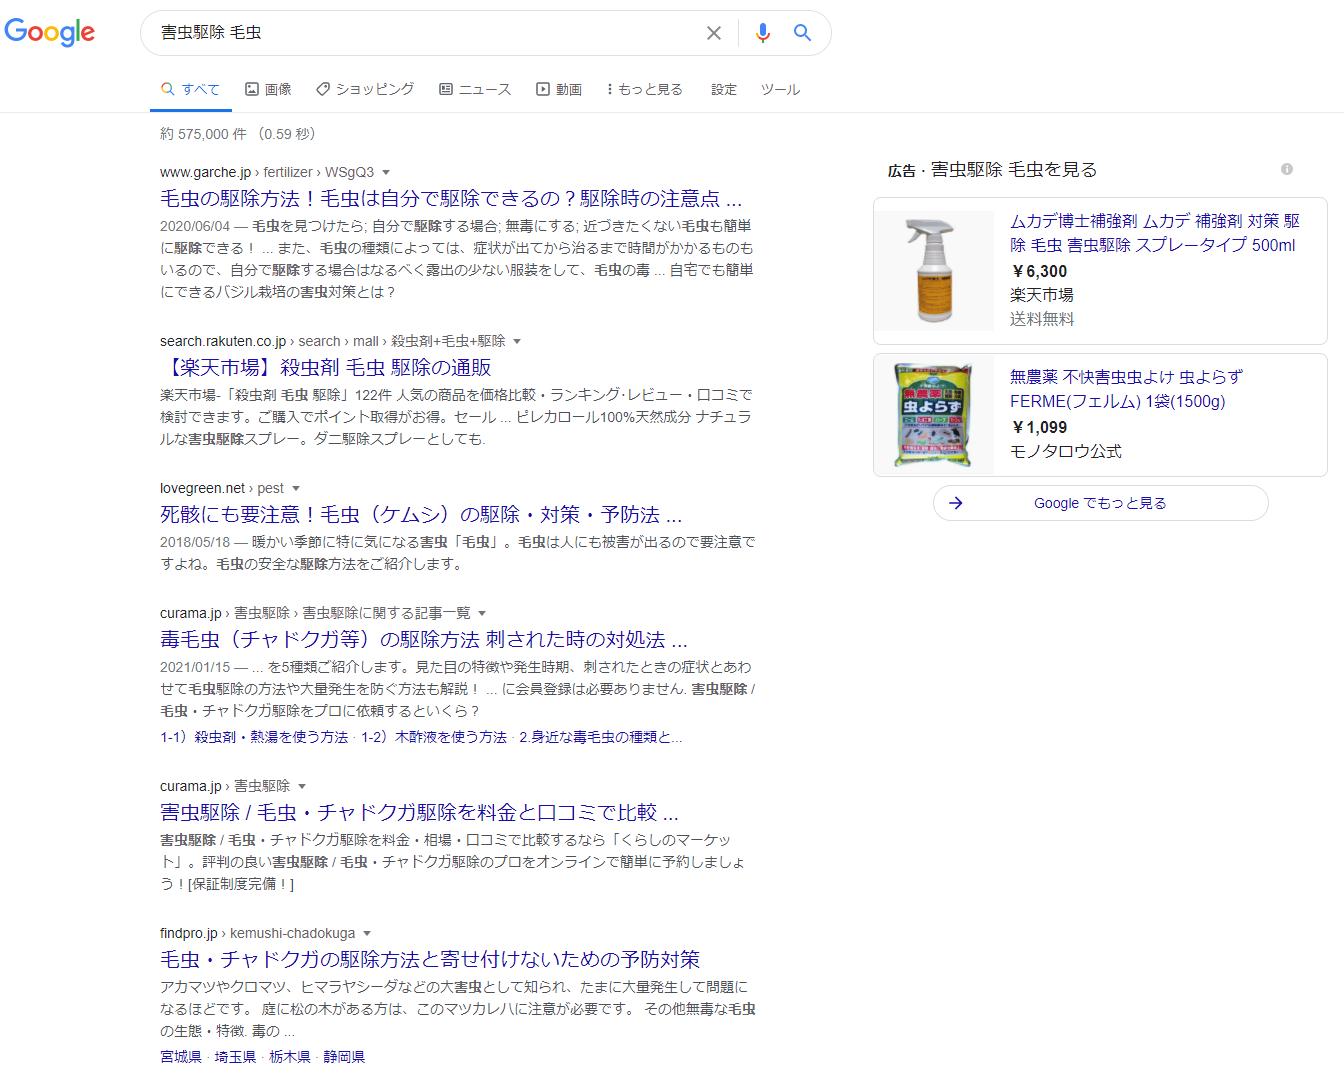 害虫駆除 毛虫」のGoogle検索結果